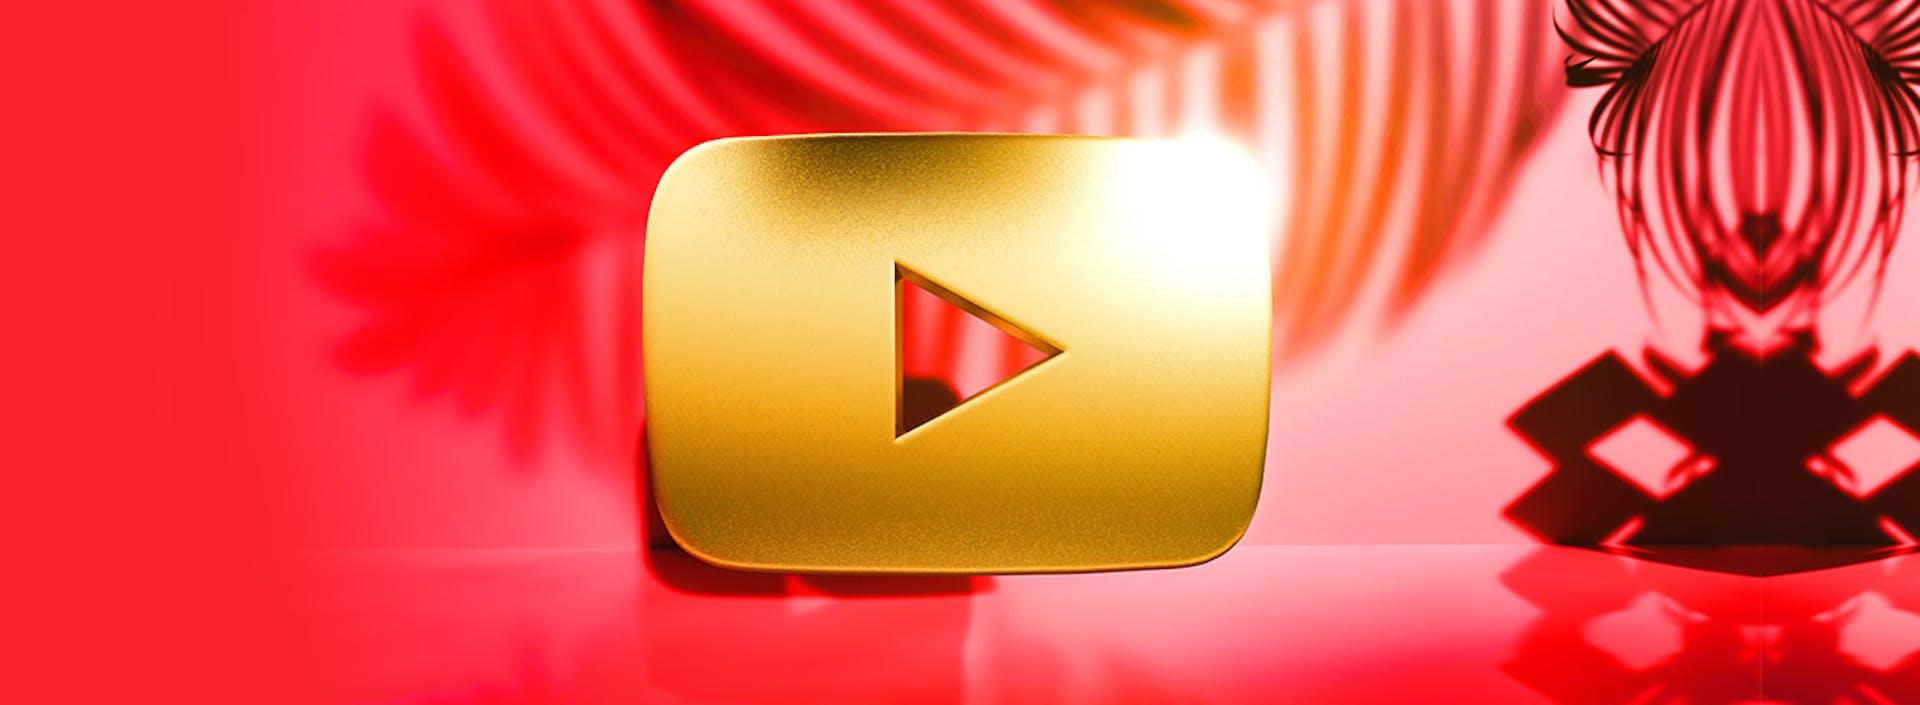 ¿Cómo editar videos para YouTube que se vuelvan virales?